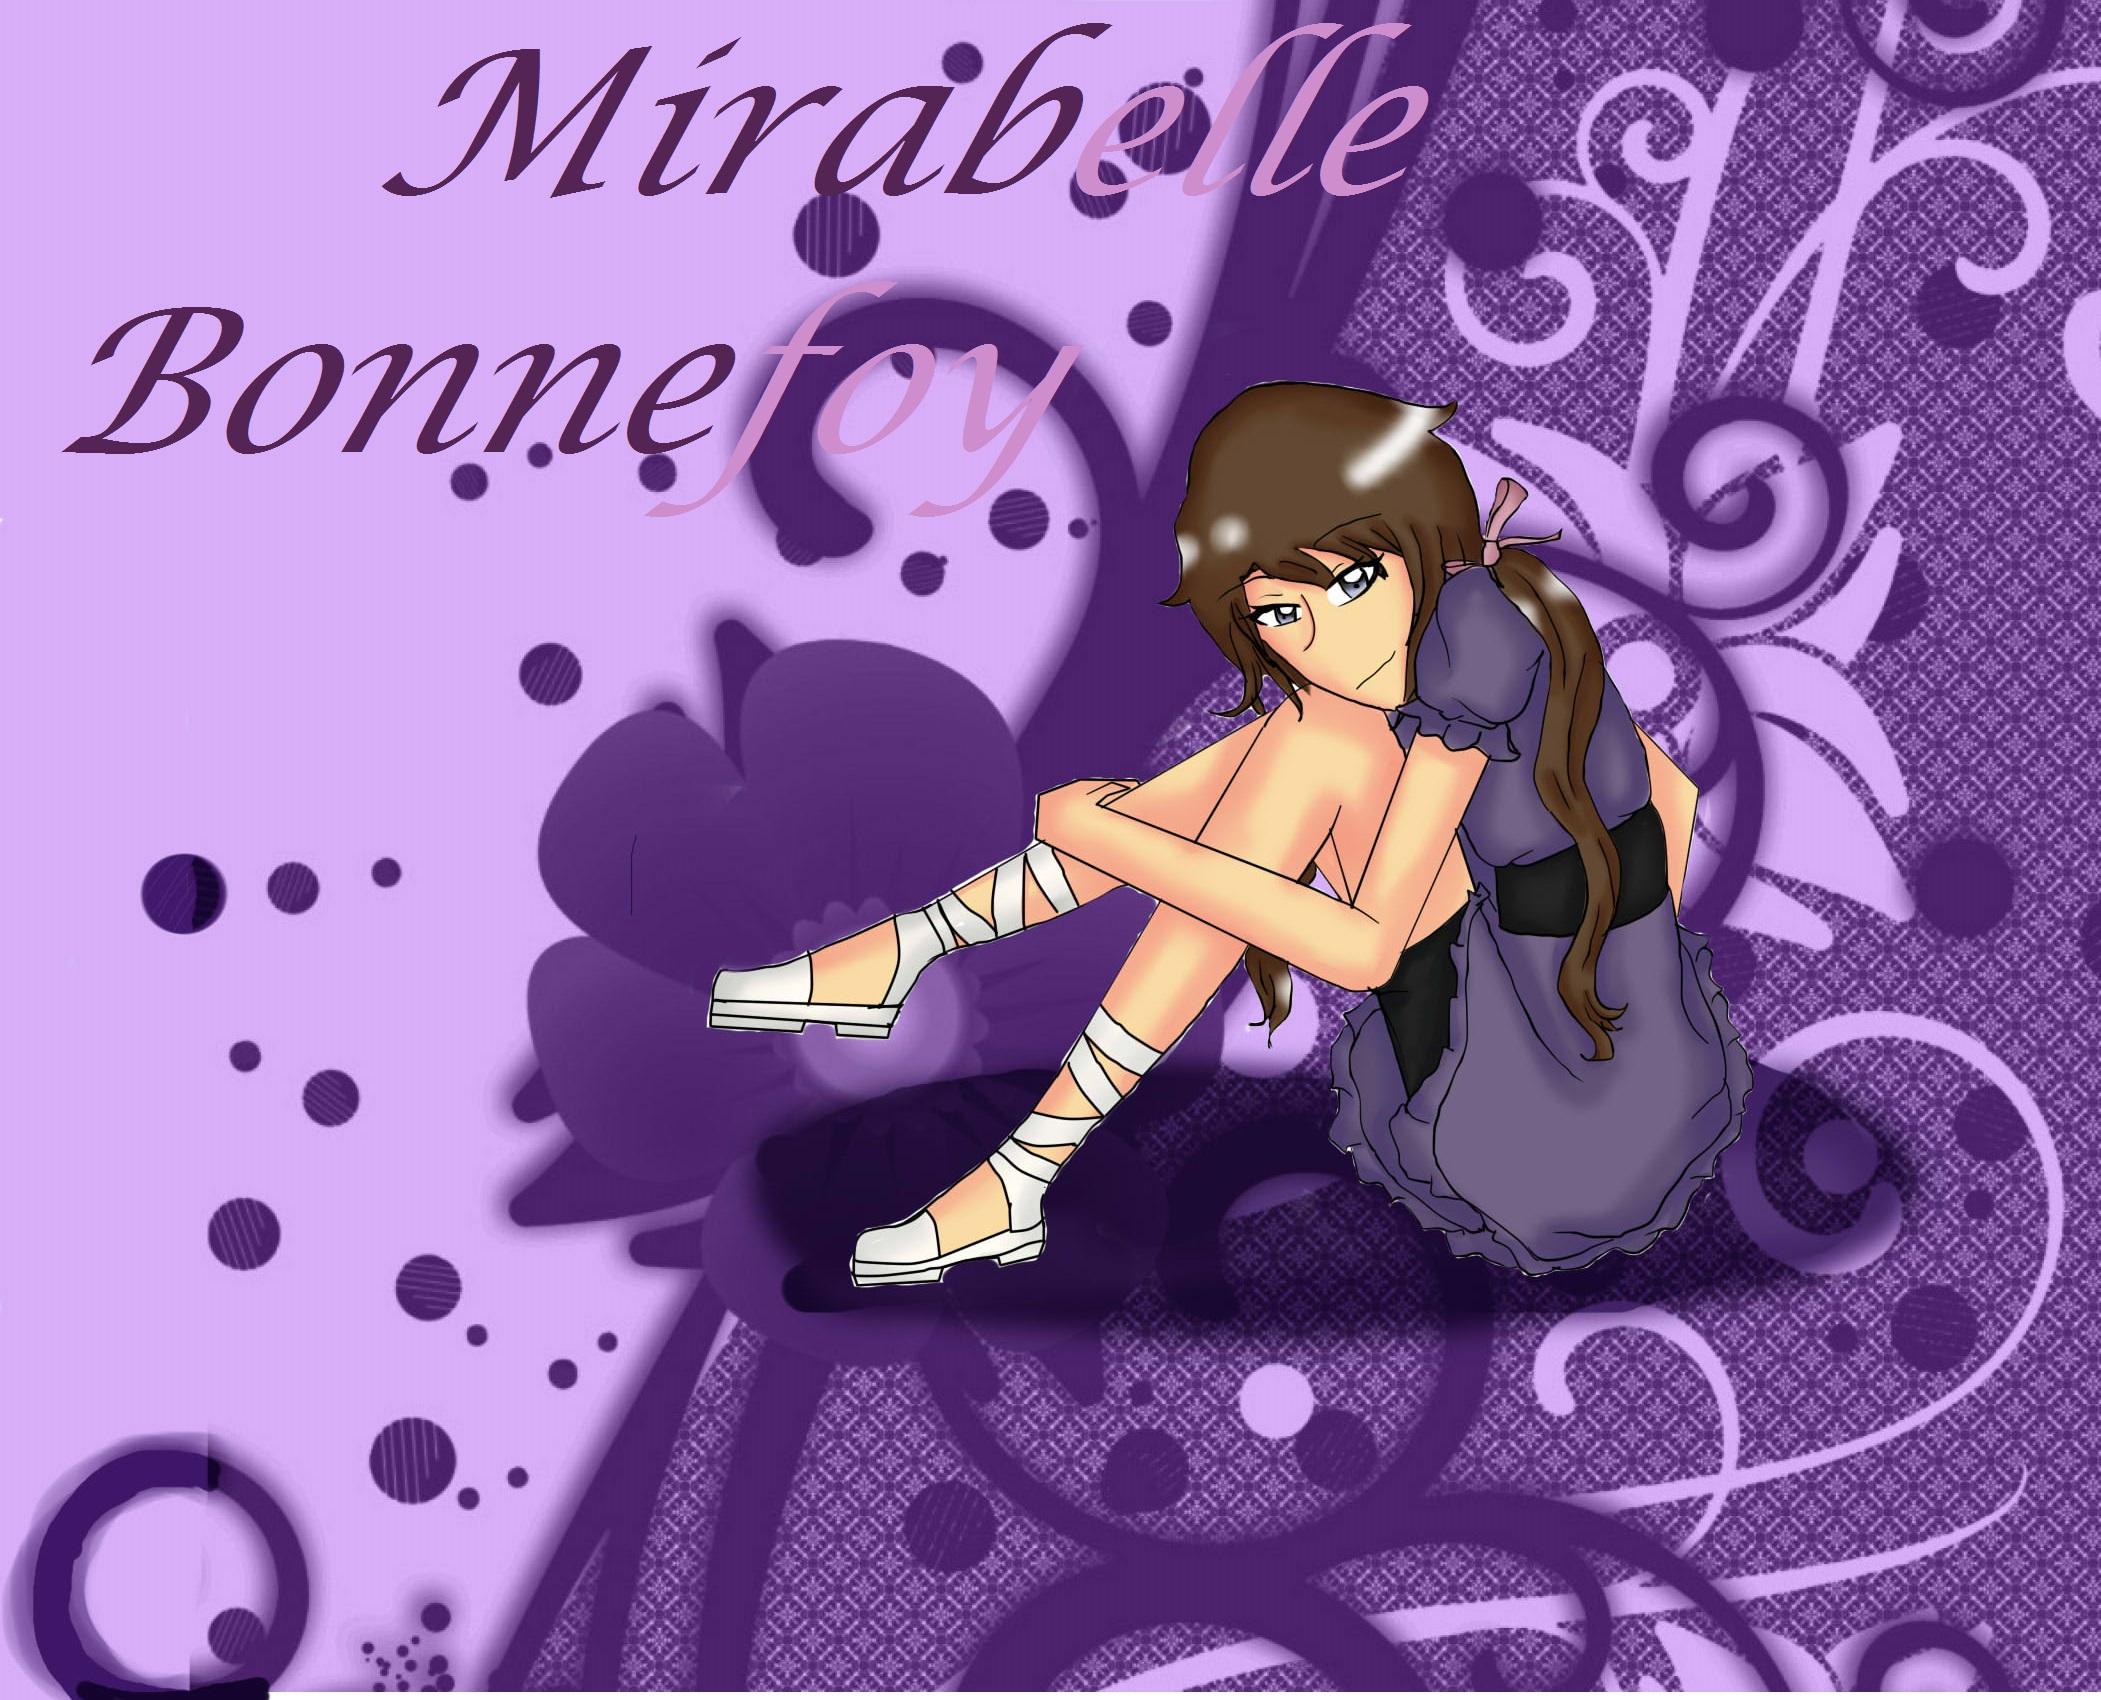 Mirabelle Bonnefoy by roppiepop